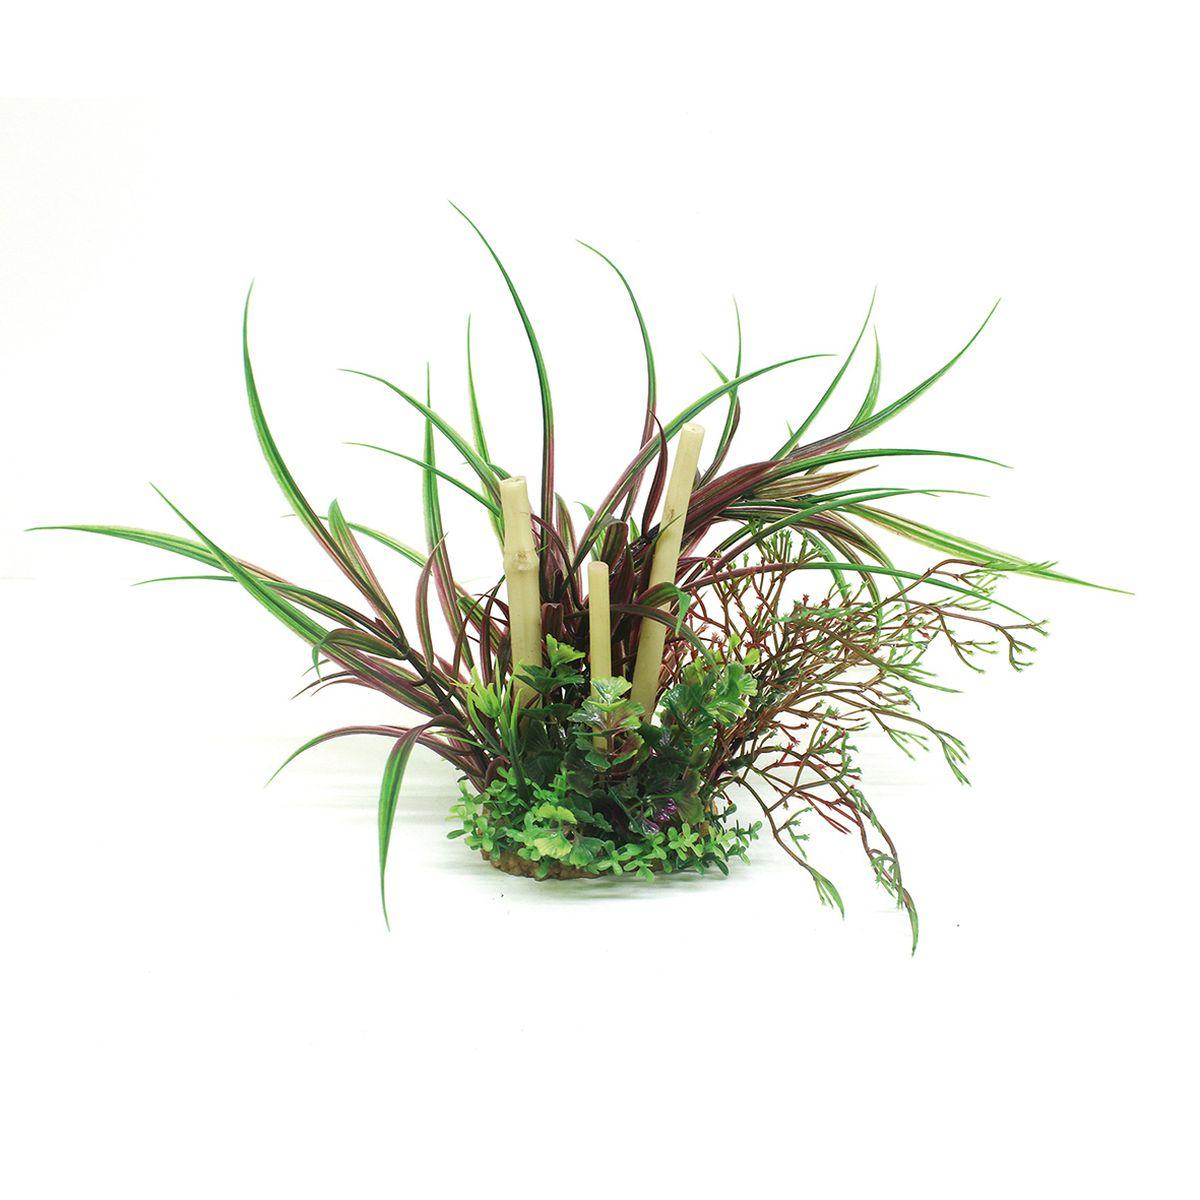 Композиция из растений для аквариума ArtUniq Лагаросифон мадагаскарский красный с бамбуком, высота 20 см101246Композиция из искусственных растений ArtUniq превосходно украсит и оживит аквариум.Растения - это важная часть любой композиции, они помогут вдохнуть жизнь в ландшафт любого аквариума или террариума. Композиция является точной копией природного растения.